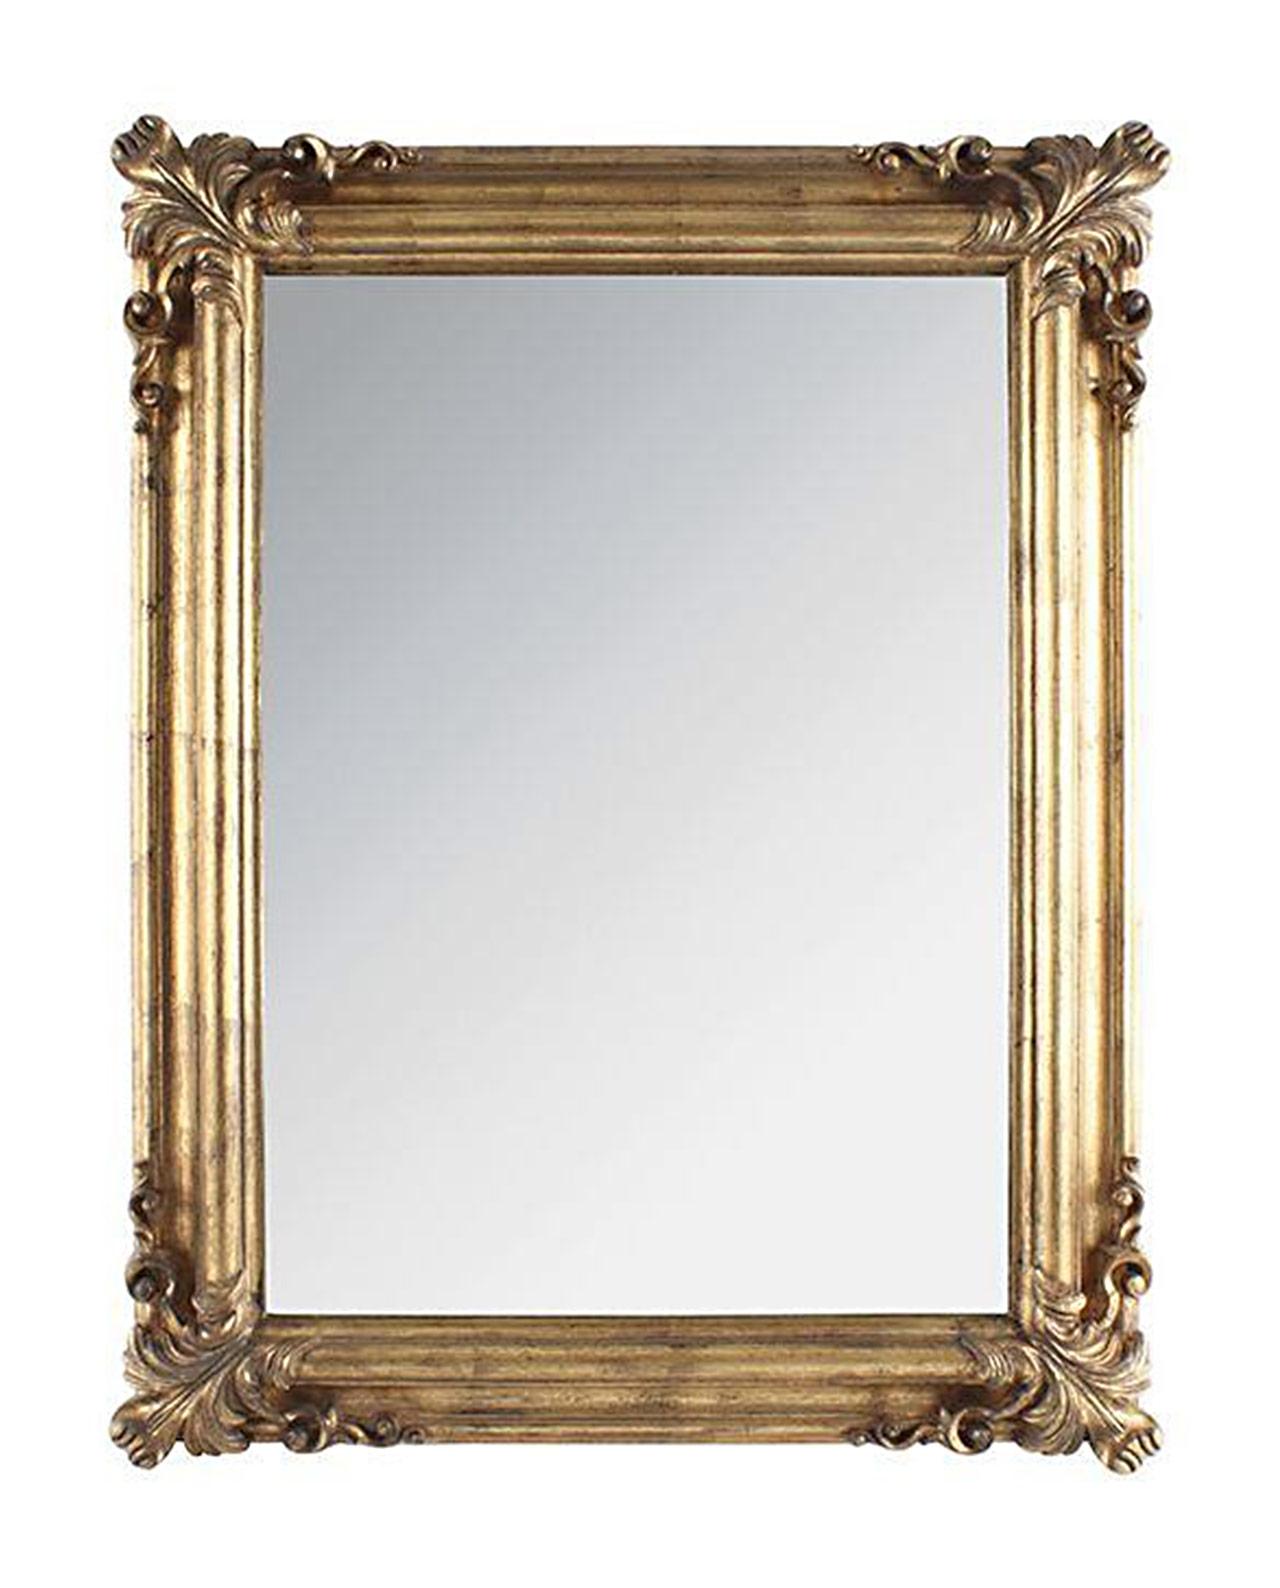 Specchio barocco dorato da parete mobilia store home for Specchio da parete argento